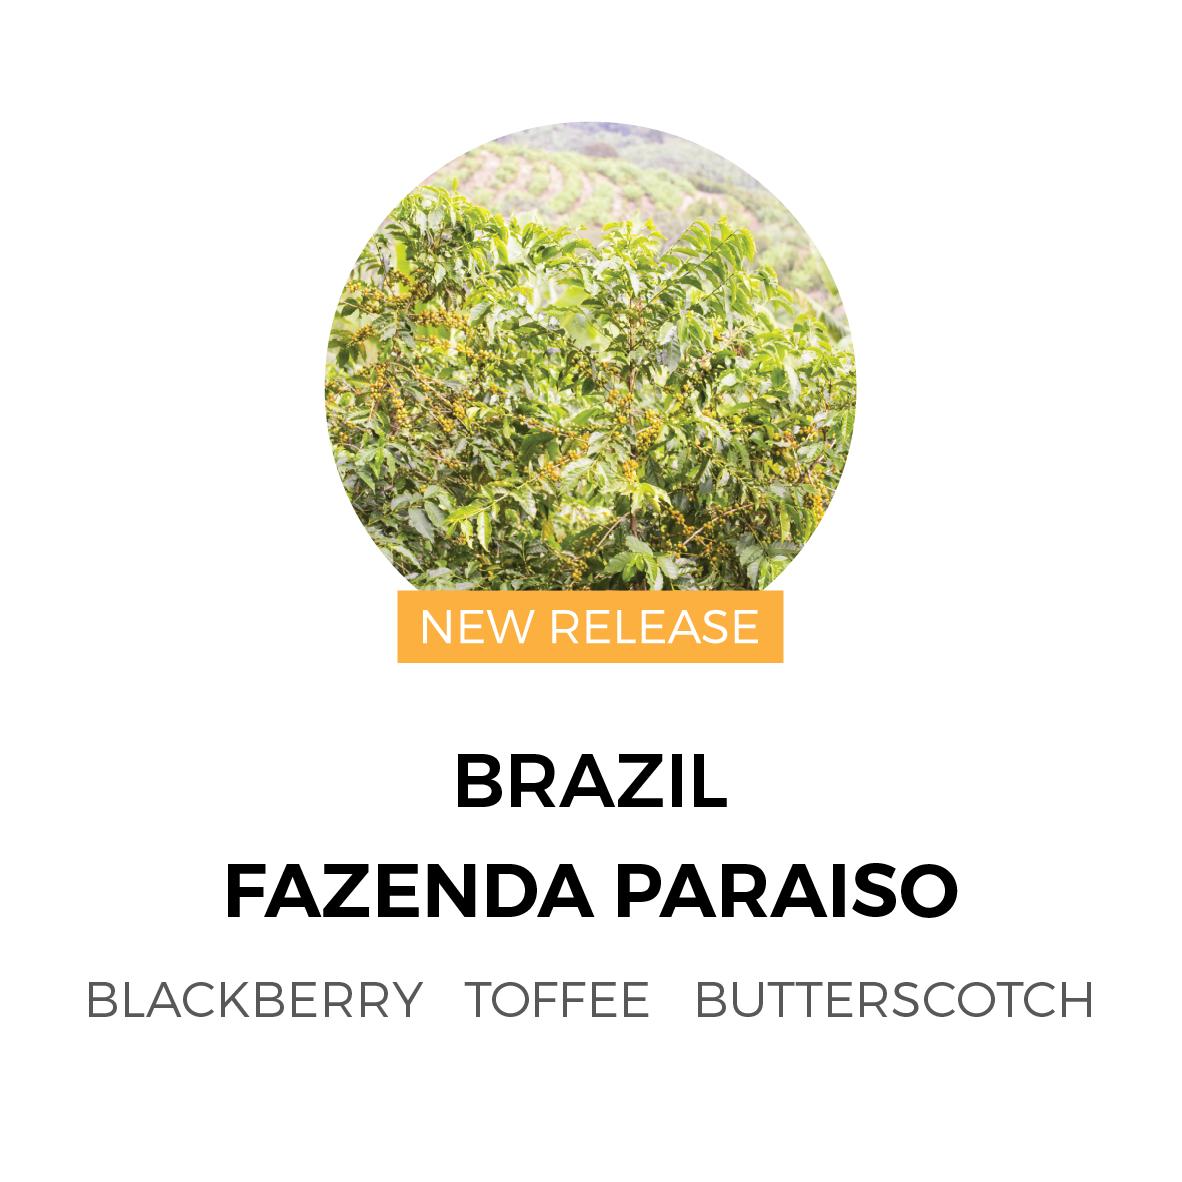 BrazilFazendaParaisoNewRelease-01.jpg